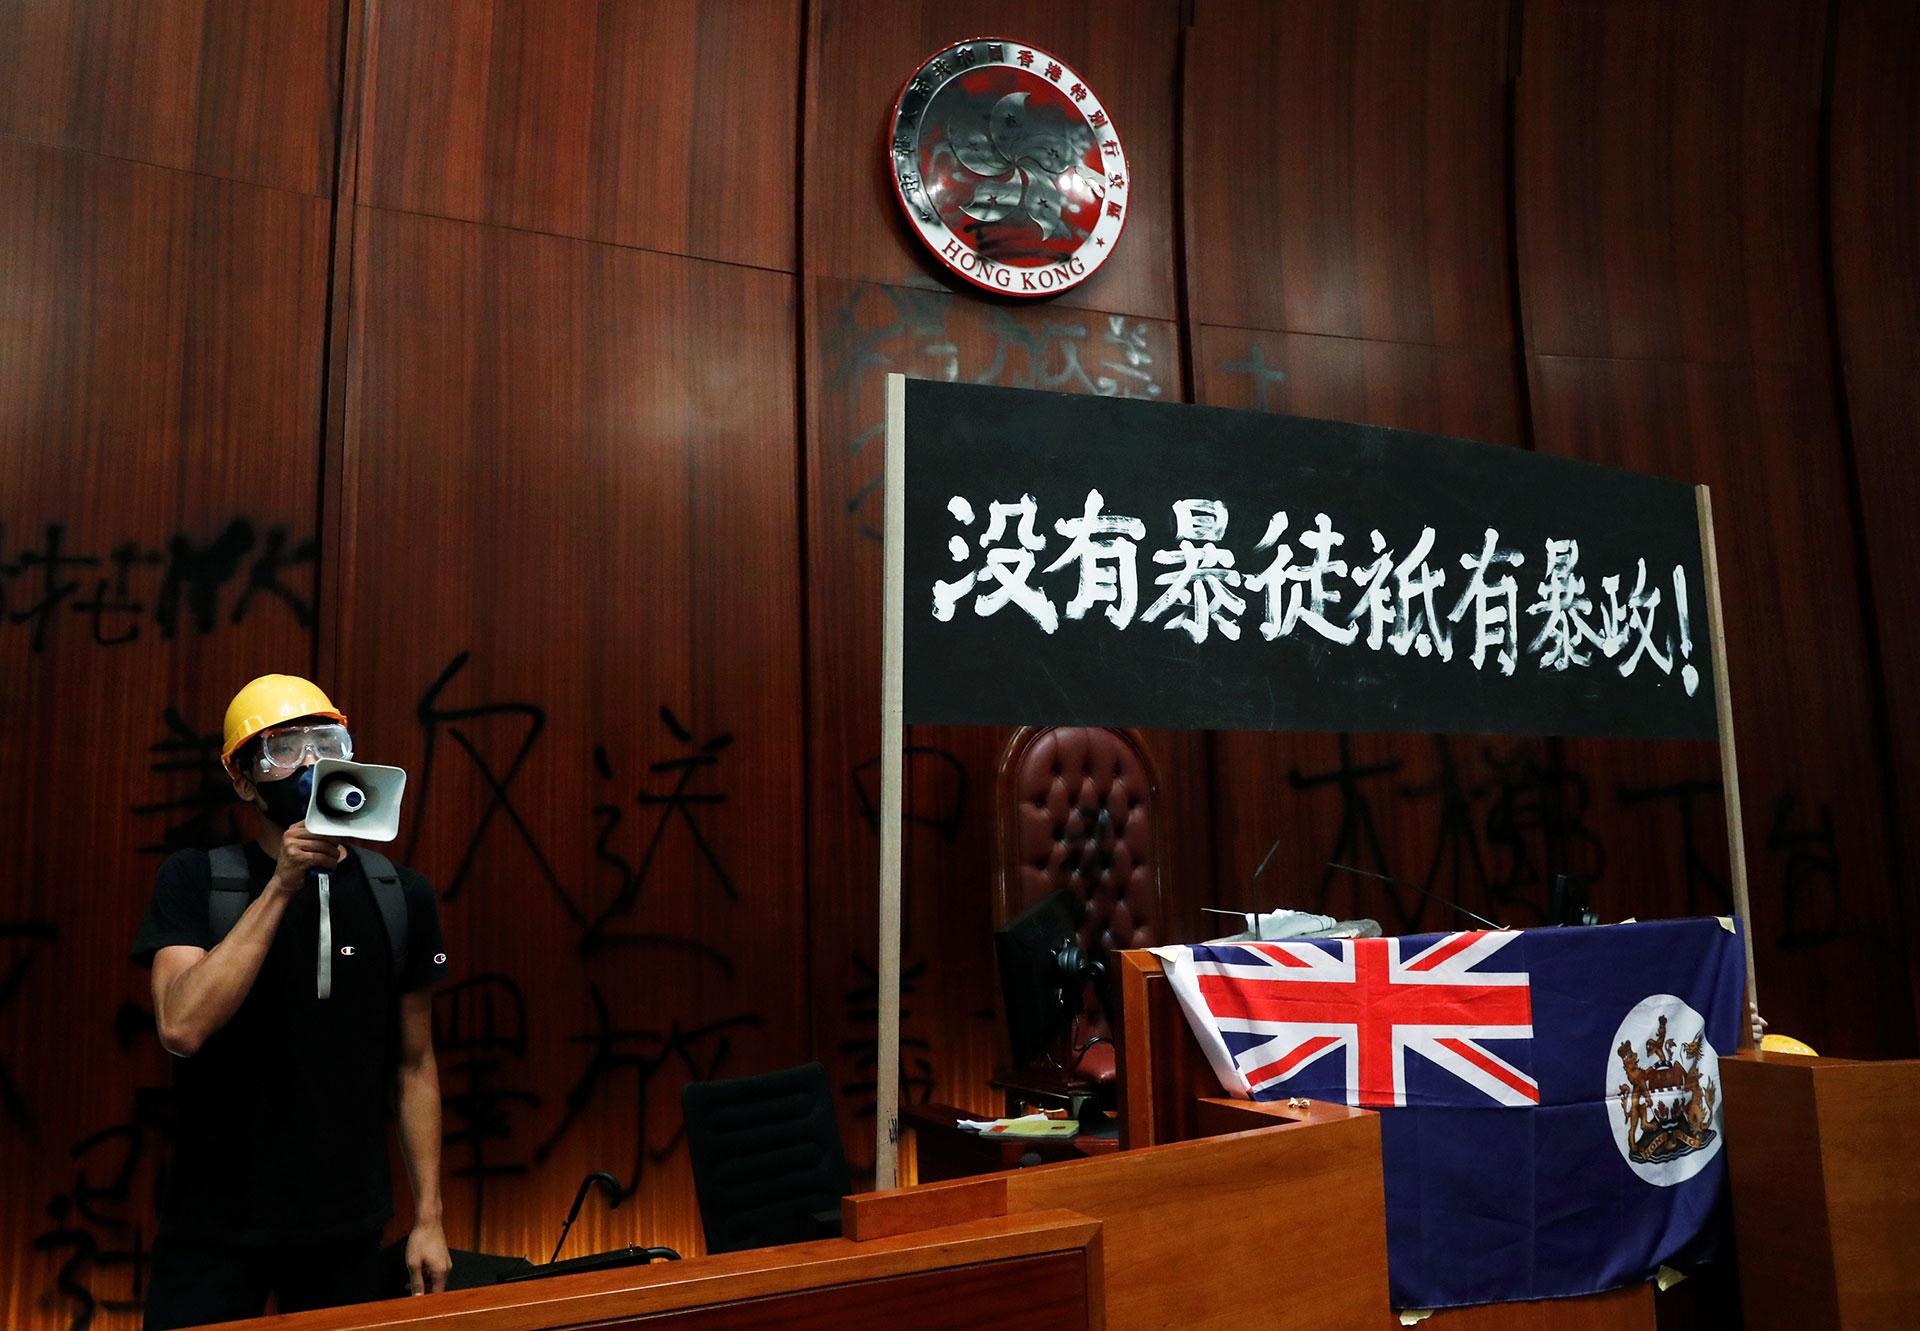 """Un manifestante habla dentro del Consejo Legislativo junto a la bandera de la era colonial británica y un cartel que reza: """"No hay vándalos, hay una tiranía"""". (Reuters)"""